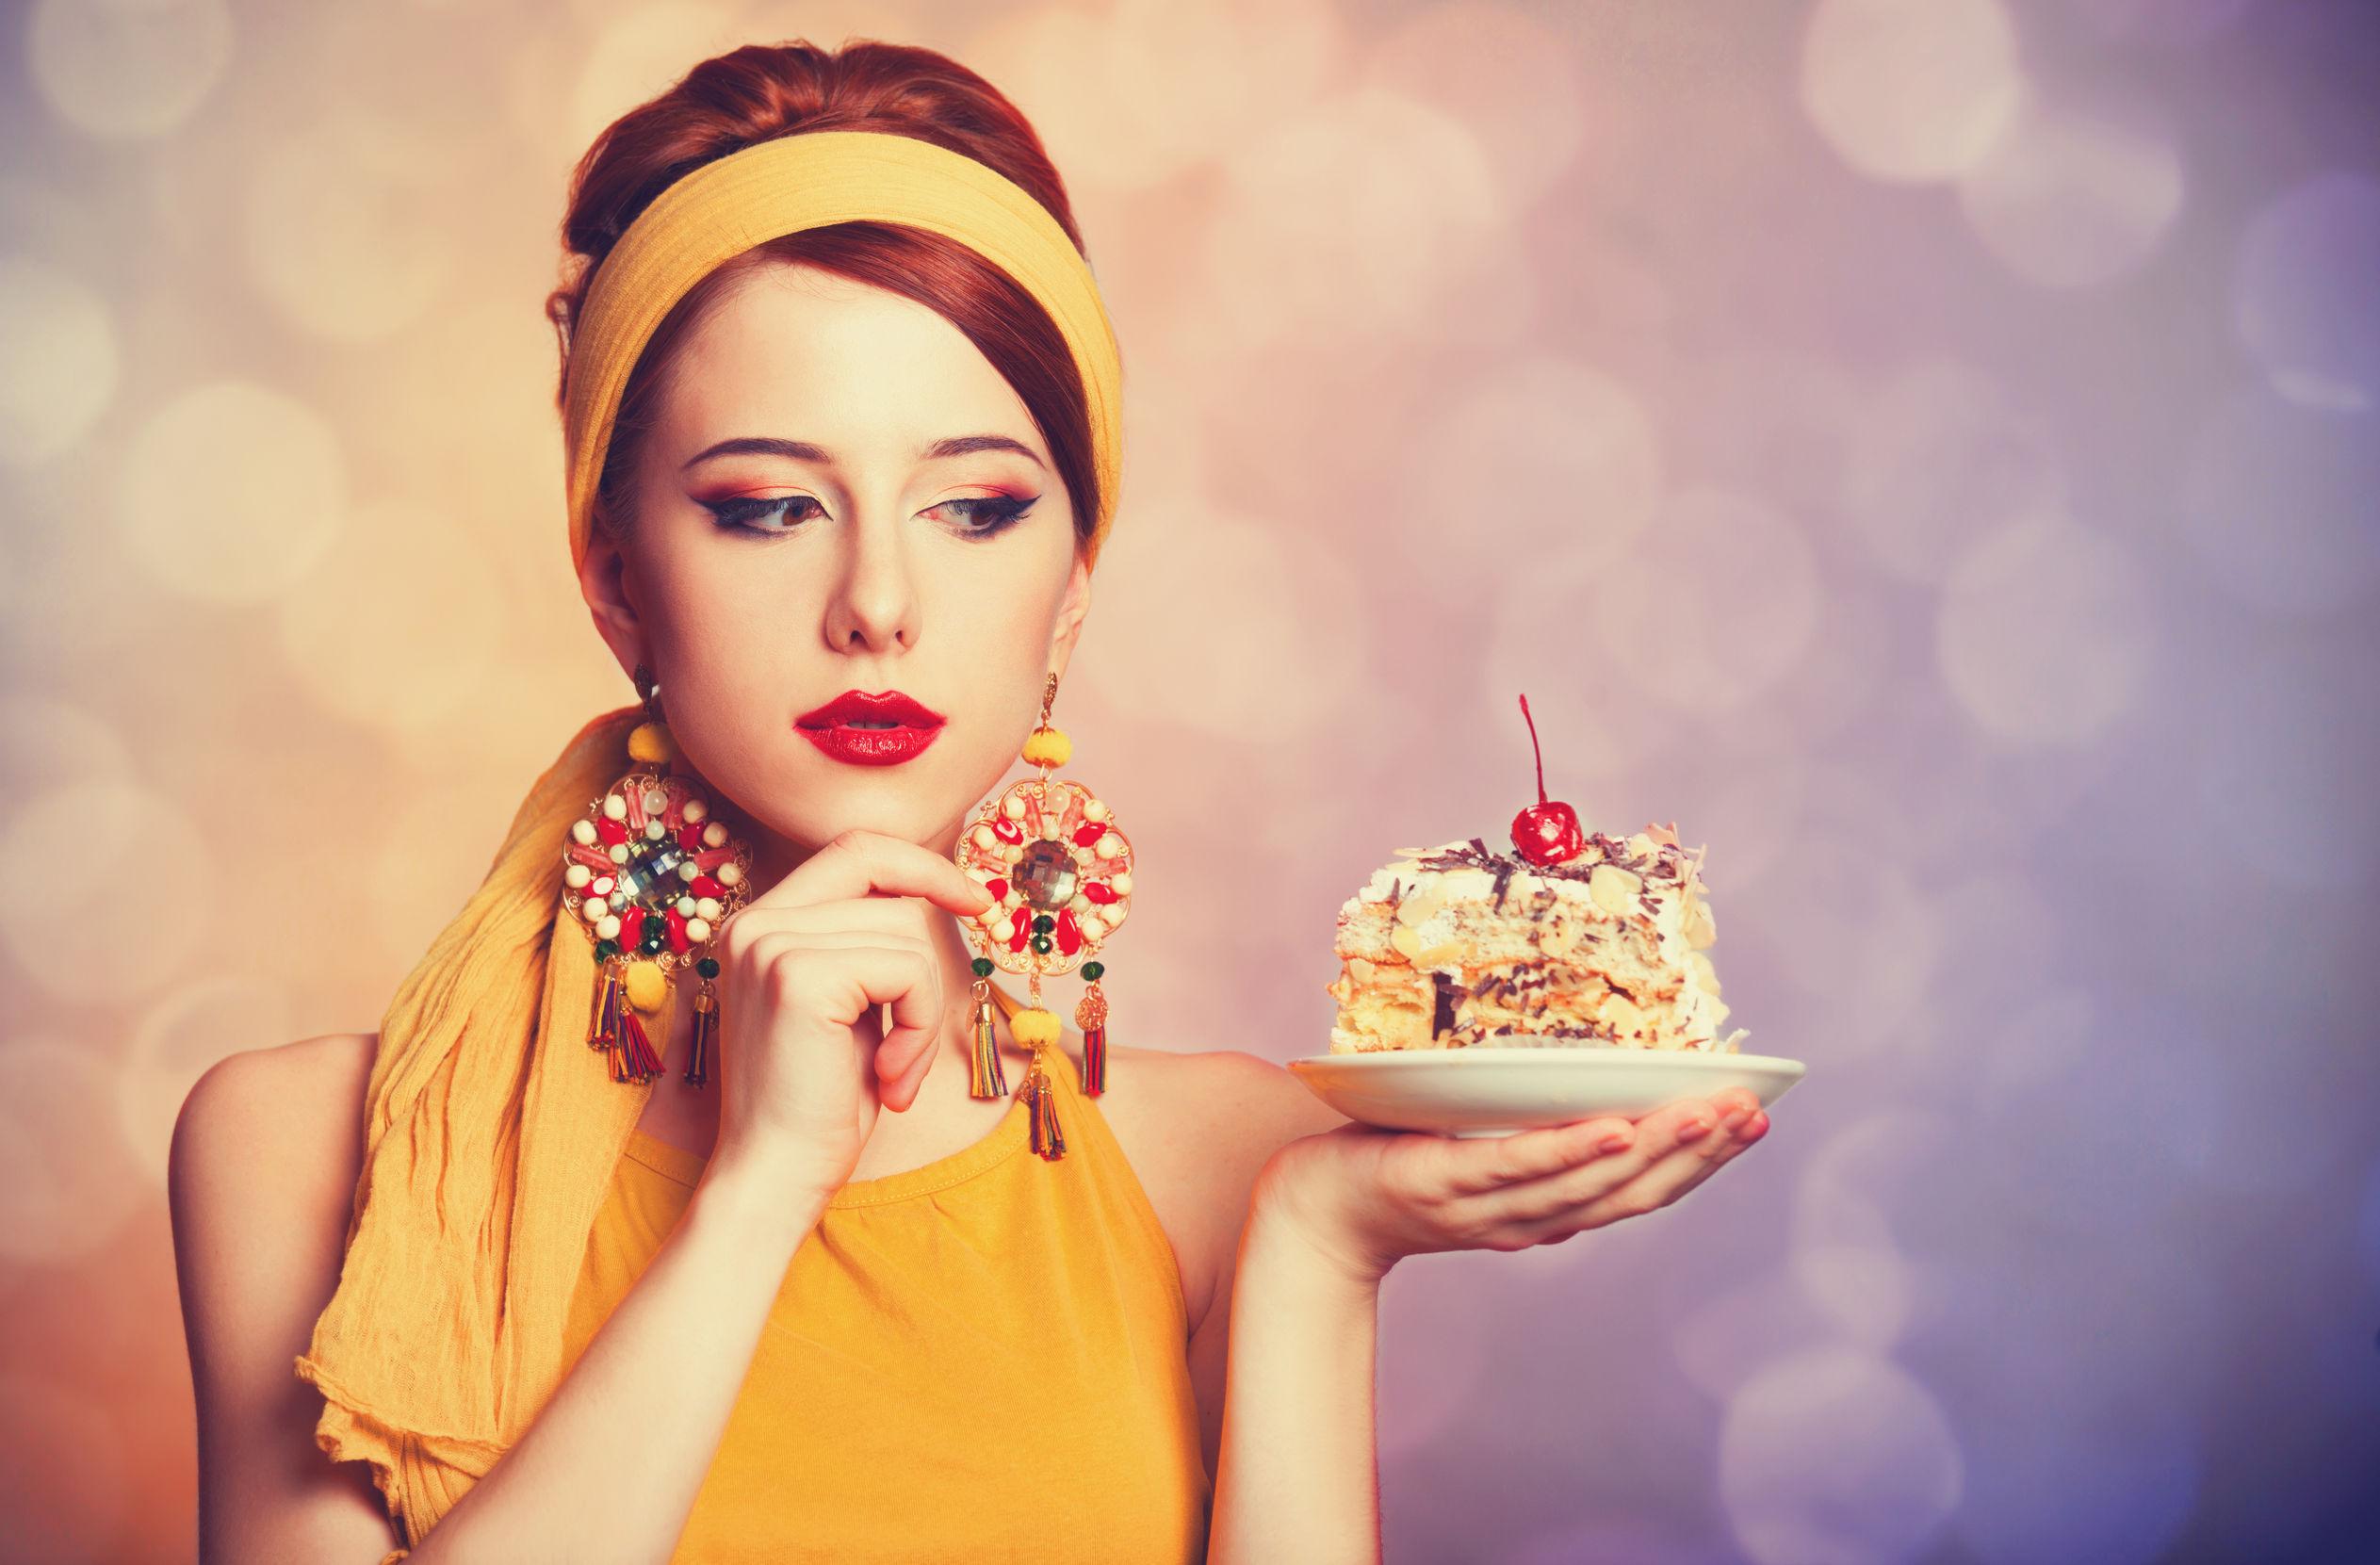 ダイエットケーキ太らない食べ方